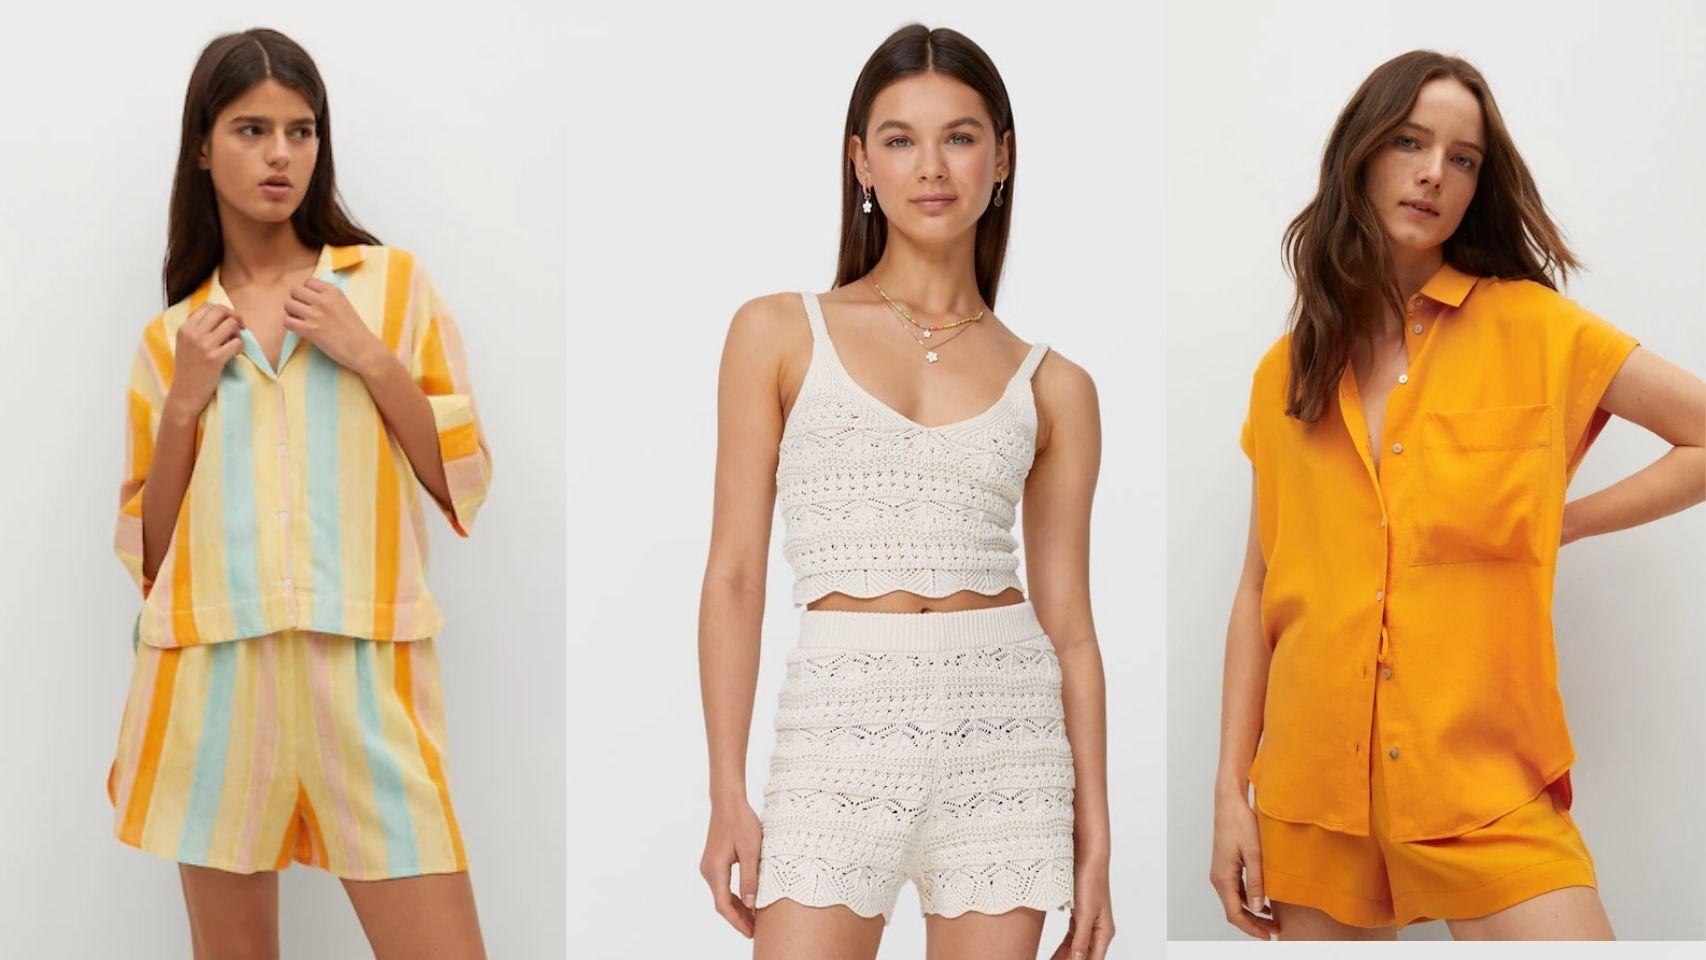 El 'look' pijama: así luce el estilismo más demandado de la temporada.